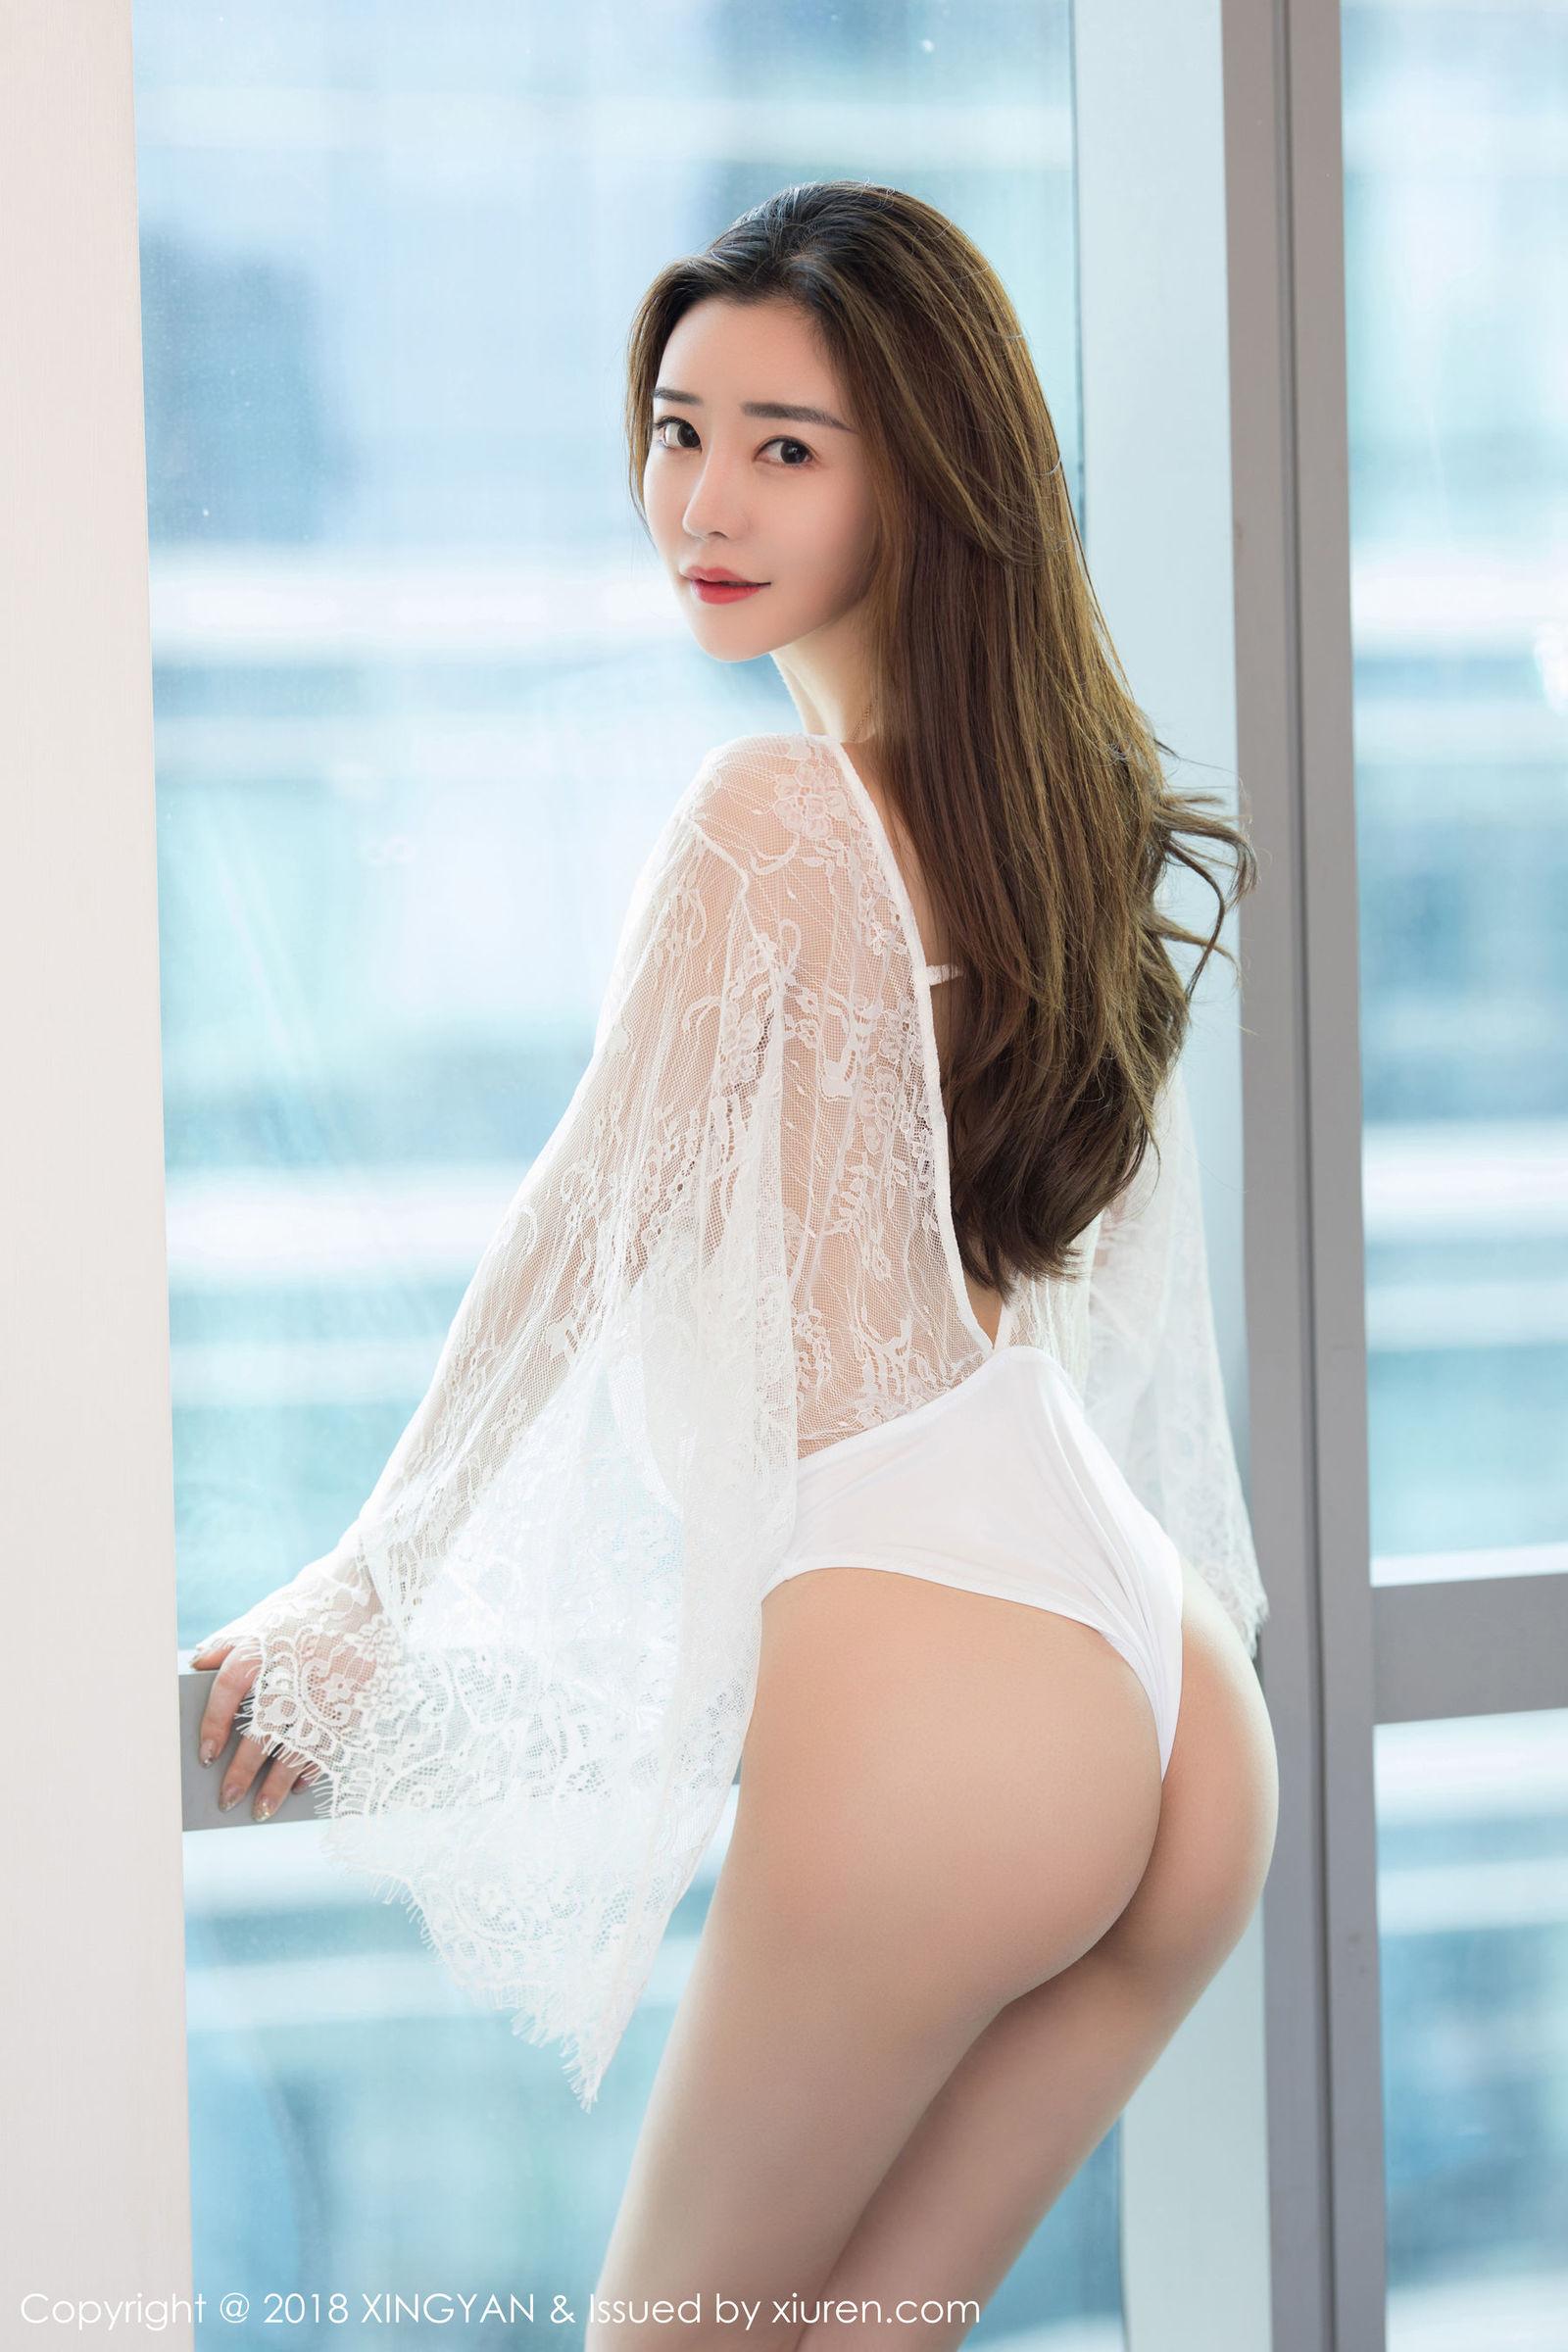 气质模特@佟蔓baby性感蕾丝内衣写真